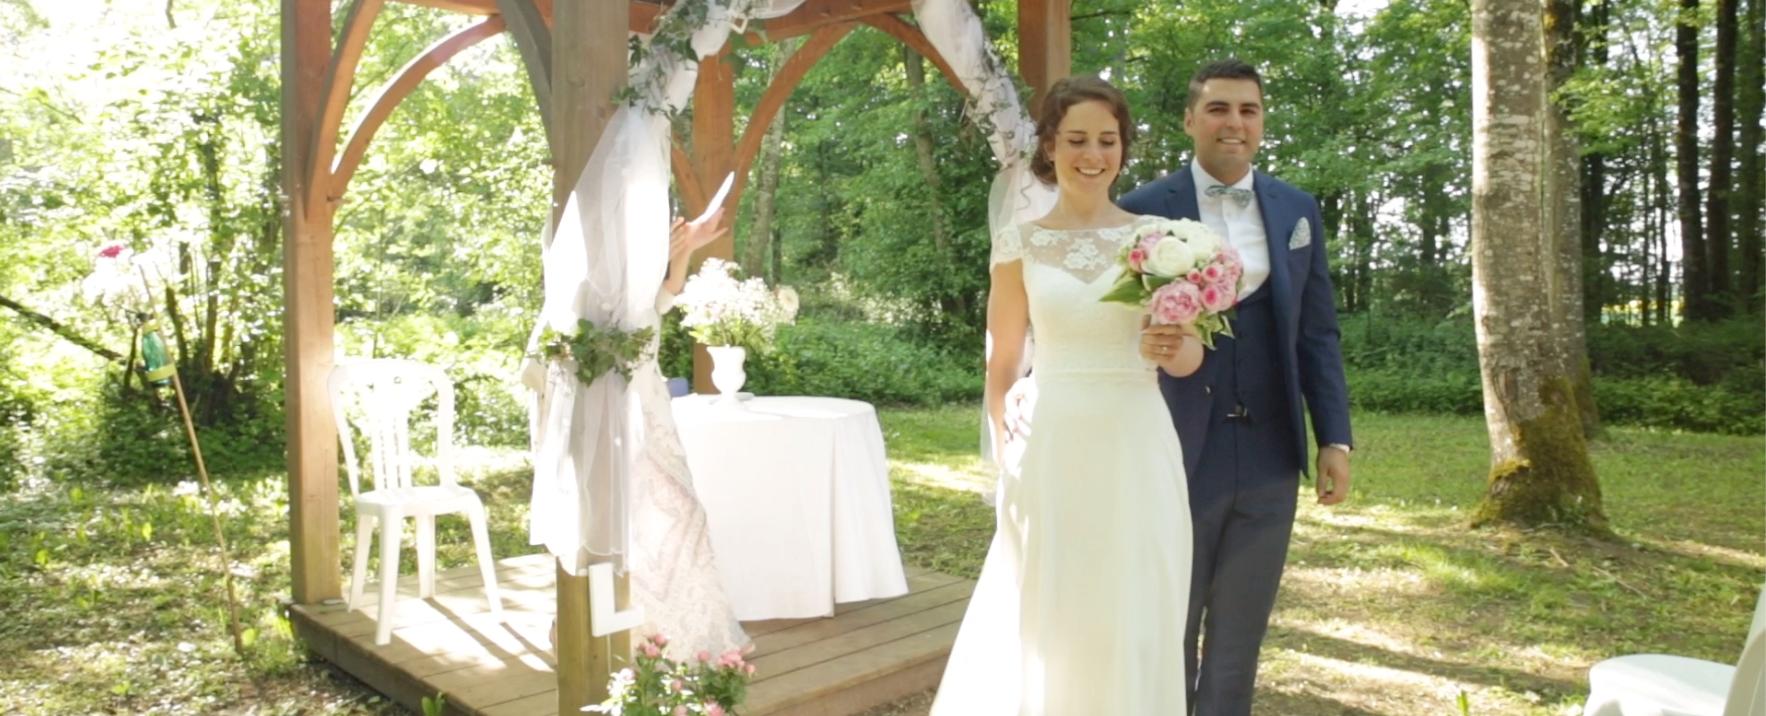 Le mariage de Walid et Laura à Saint-Maur-des-Fossés, Val-de-Marne